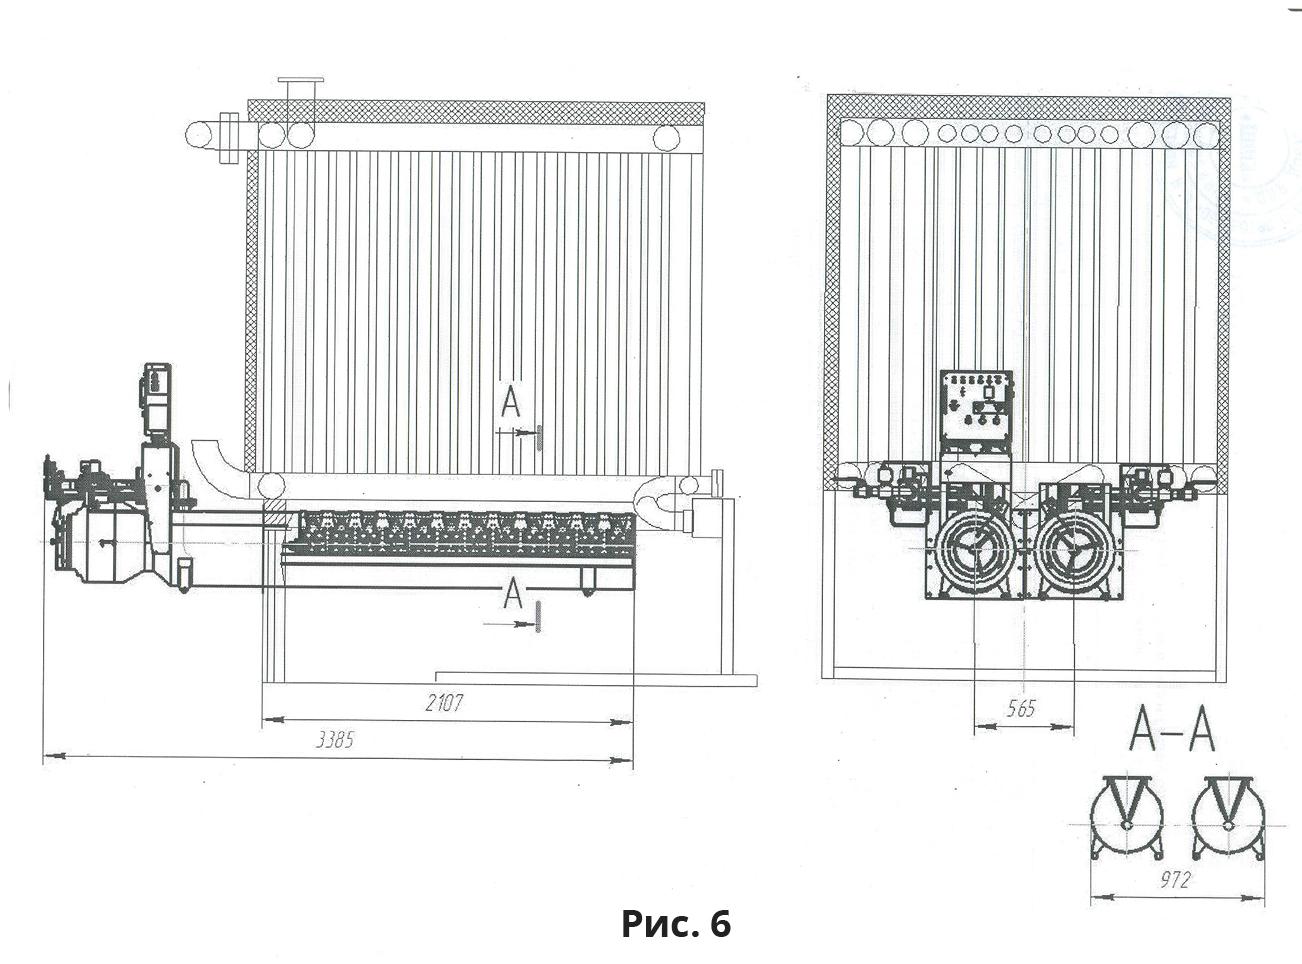 Расположение подовой горелки ГБП-850 в топочном пространстве котла